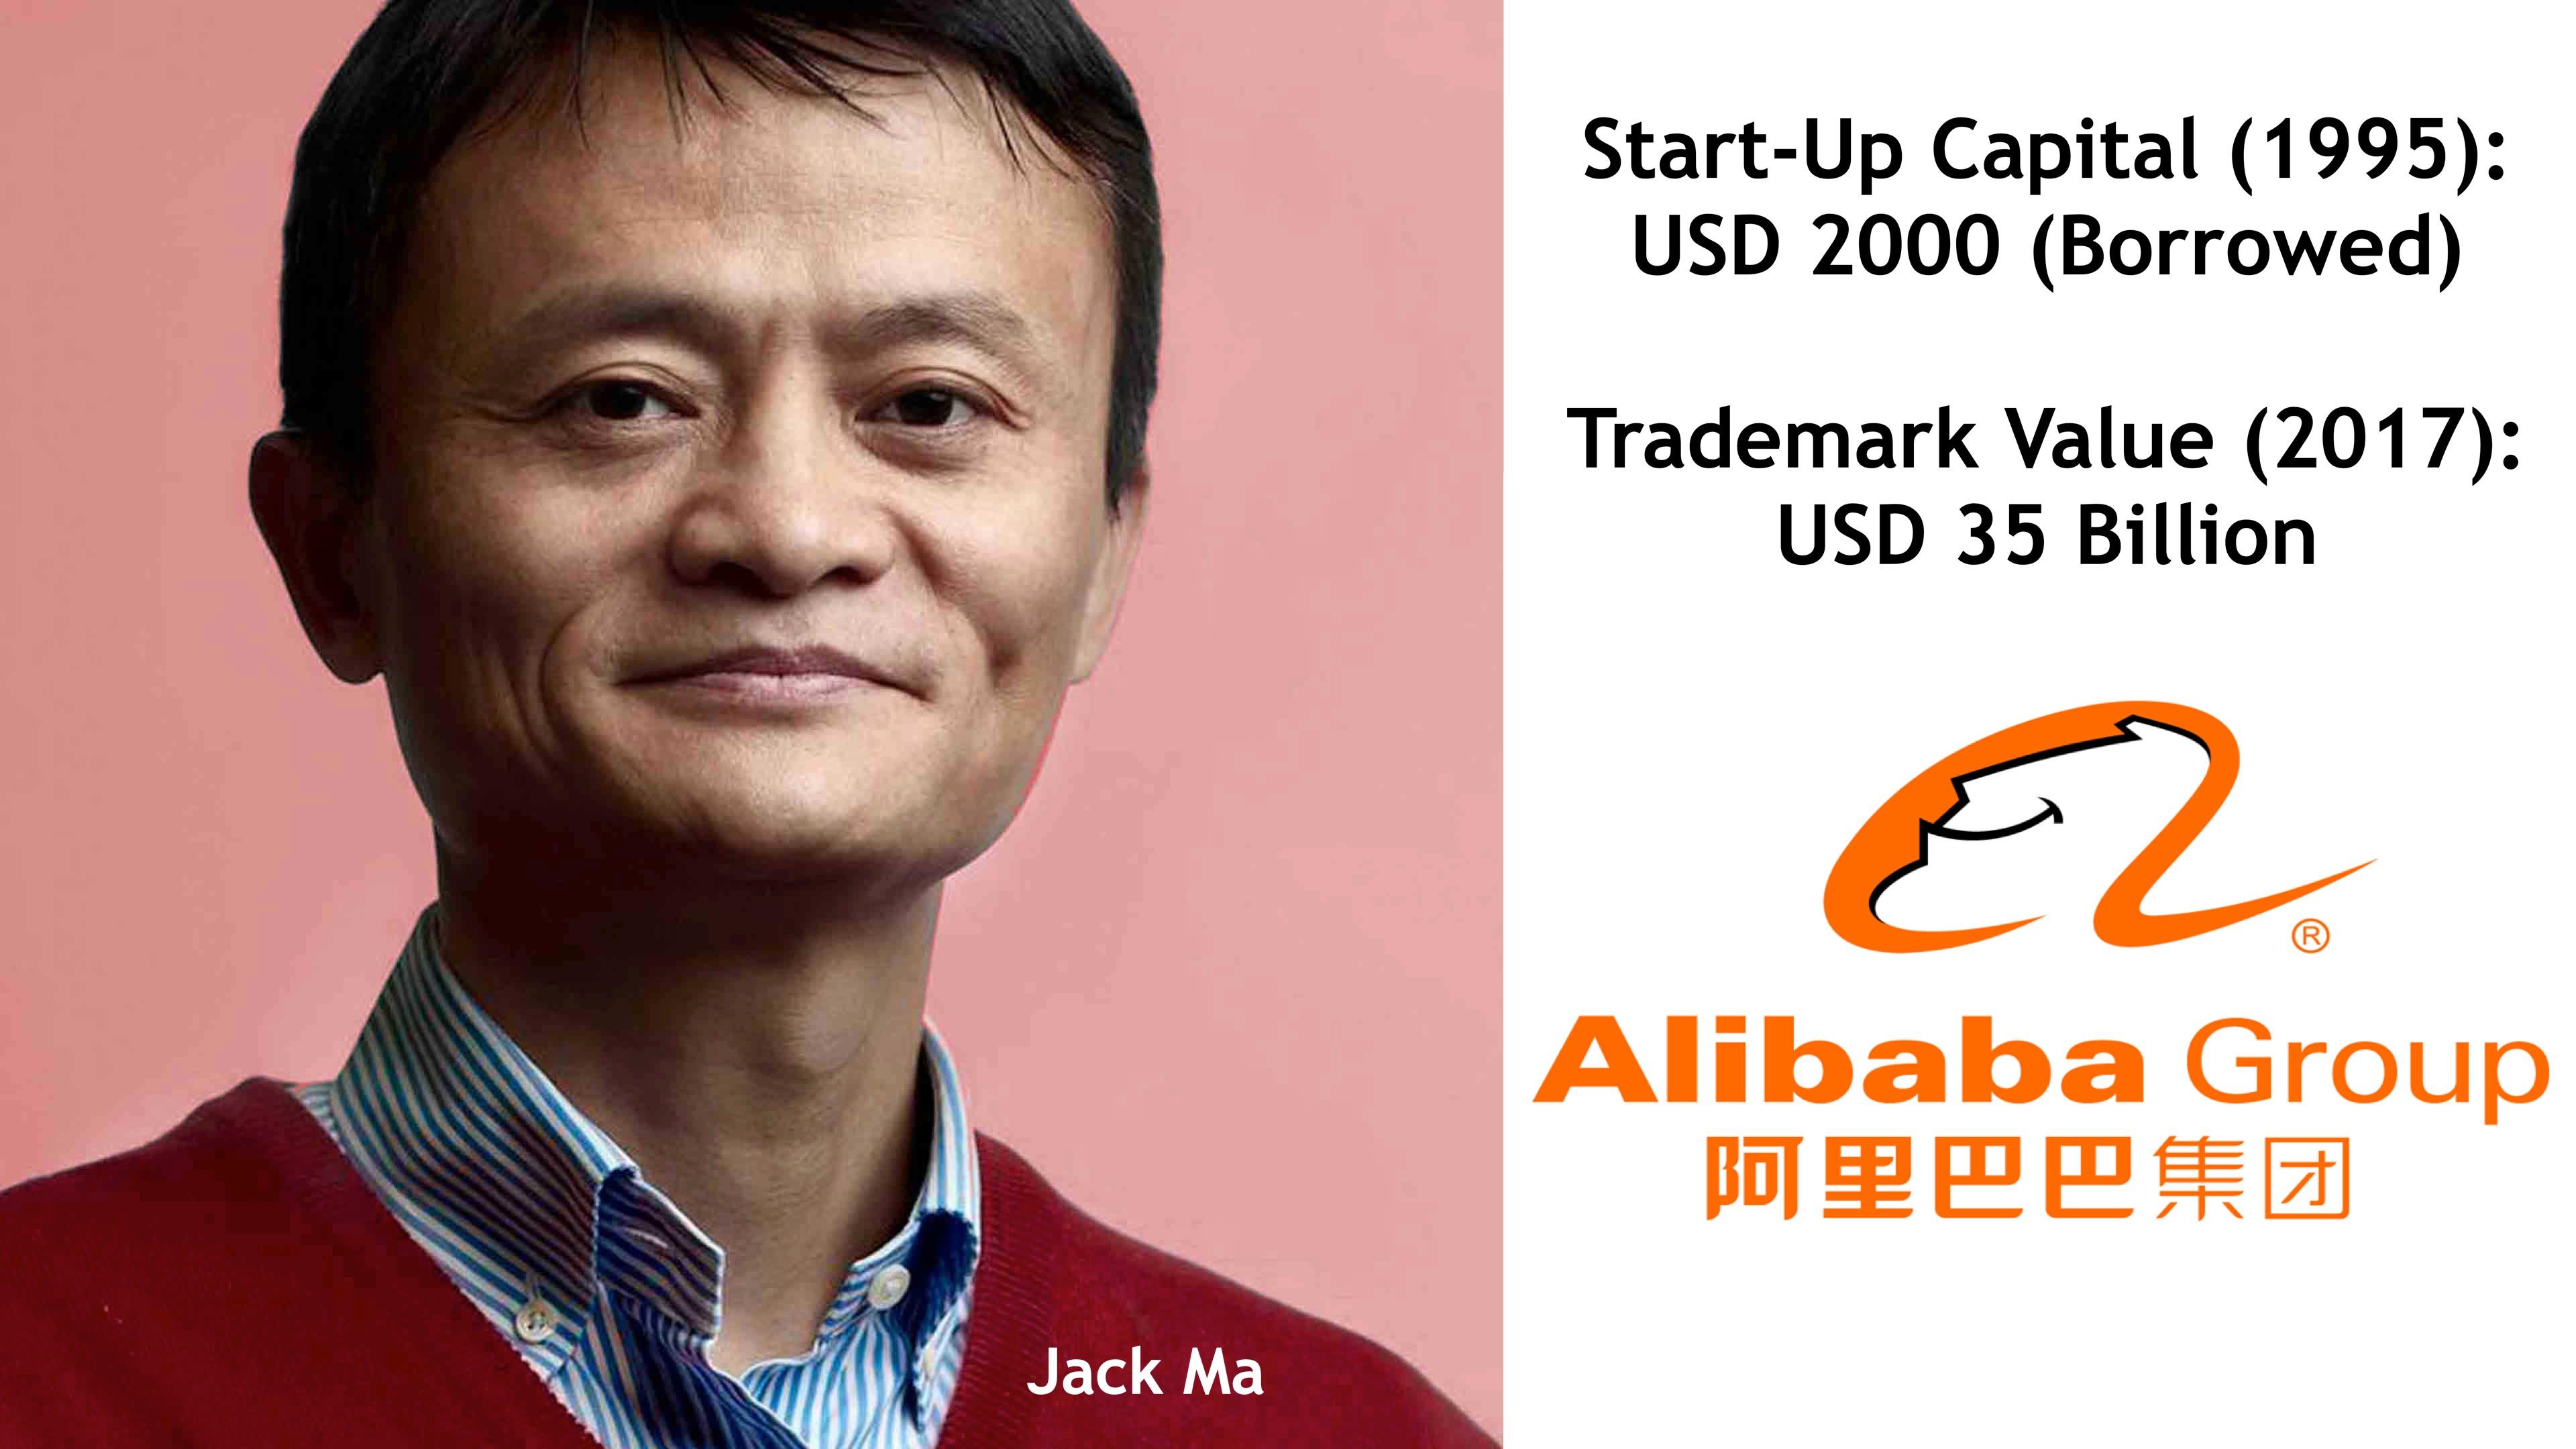 Jack Ma Alibaba Trademark Value